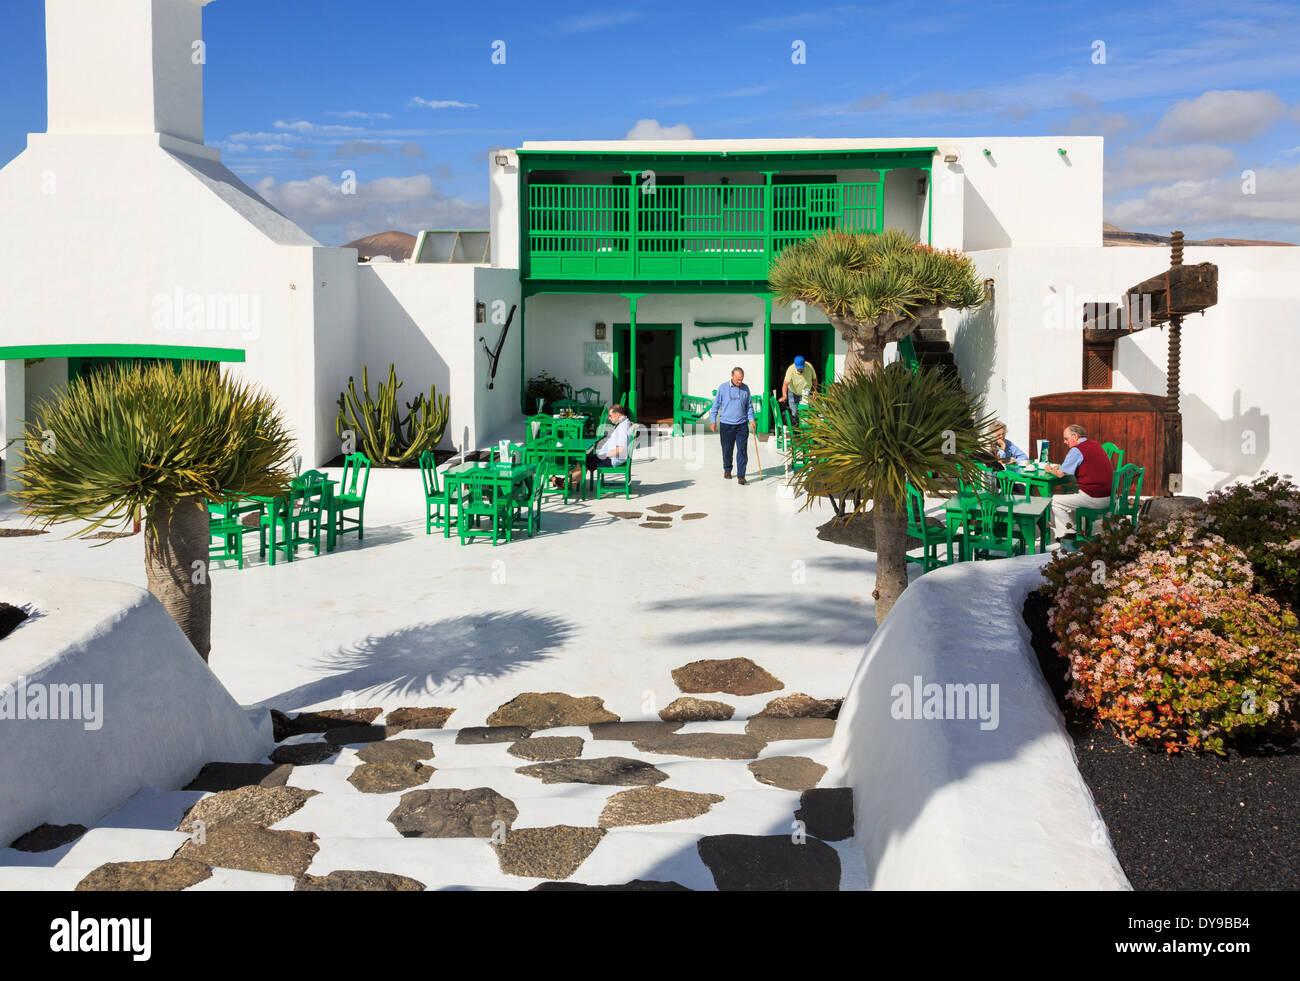 Monumento al Campesino cortile con centro visitatori e museo in stile canario architettura. Lanzarote isole Canarie Spagna Immagini Stock